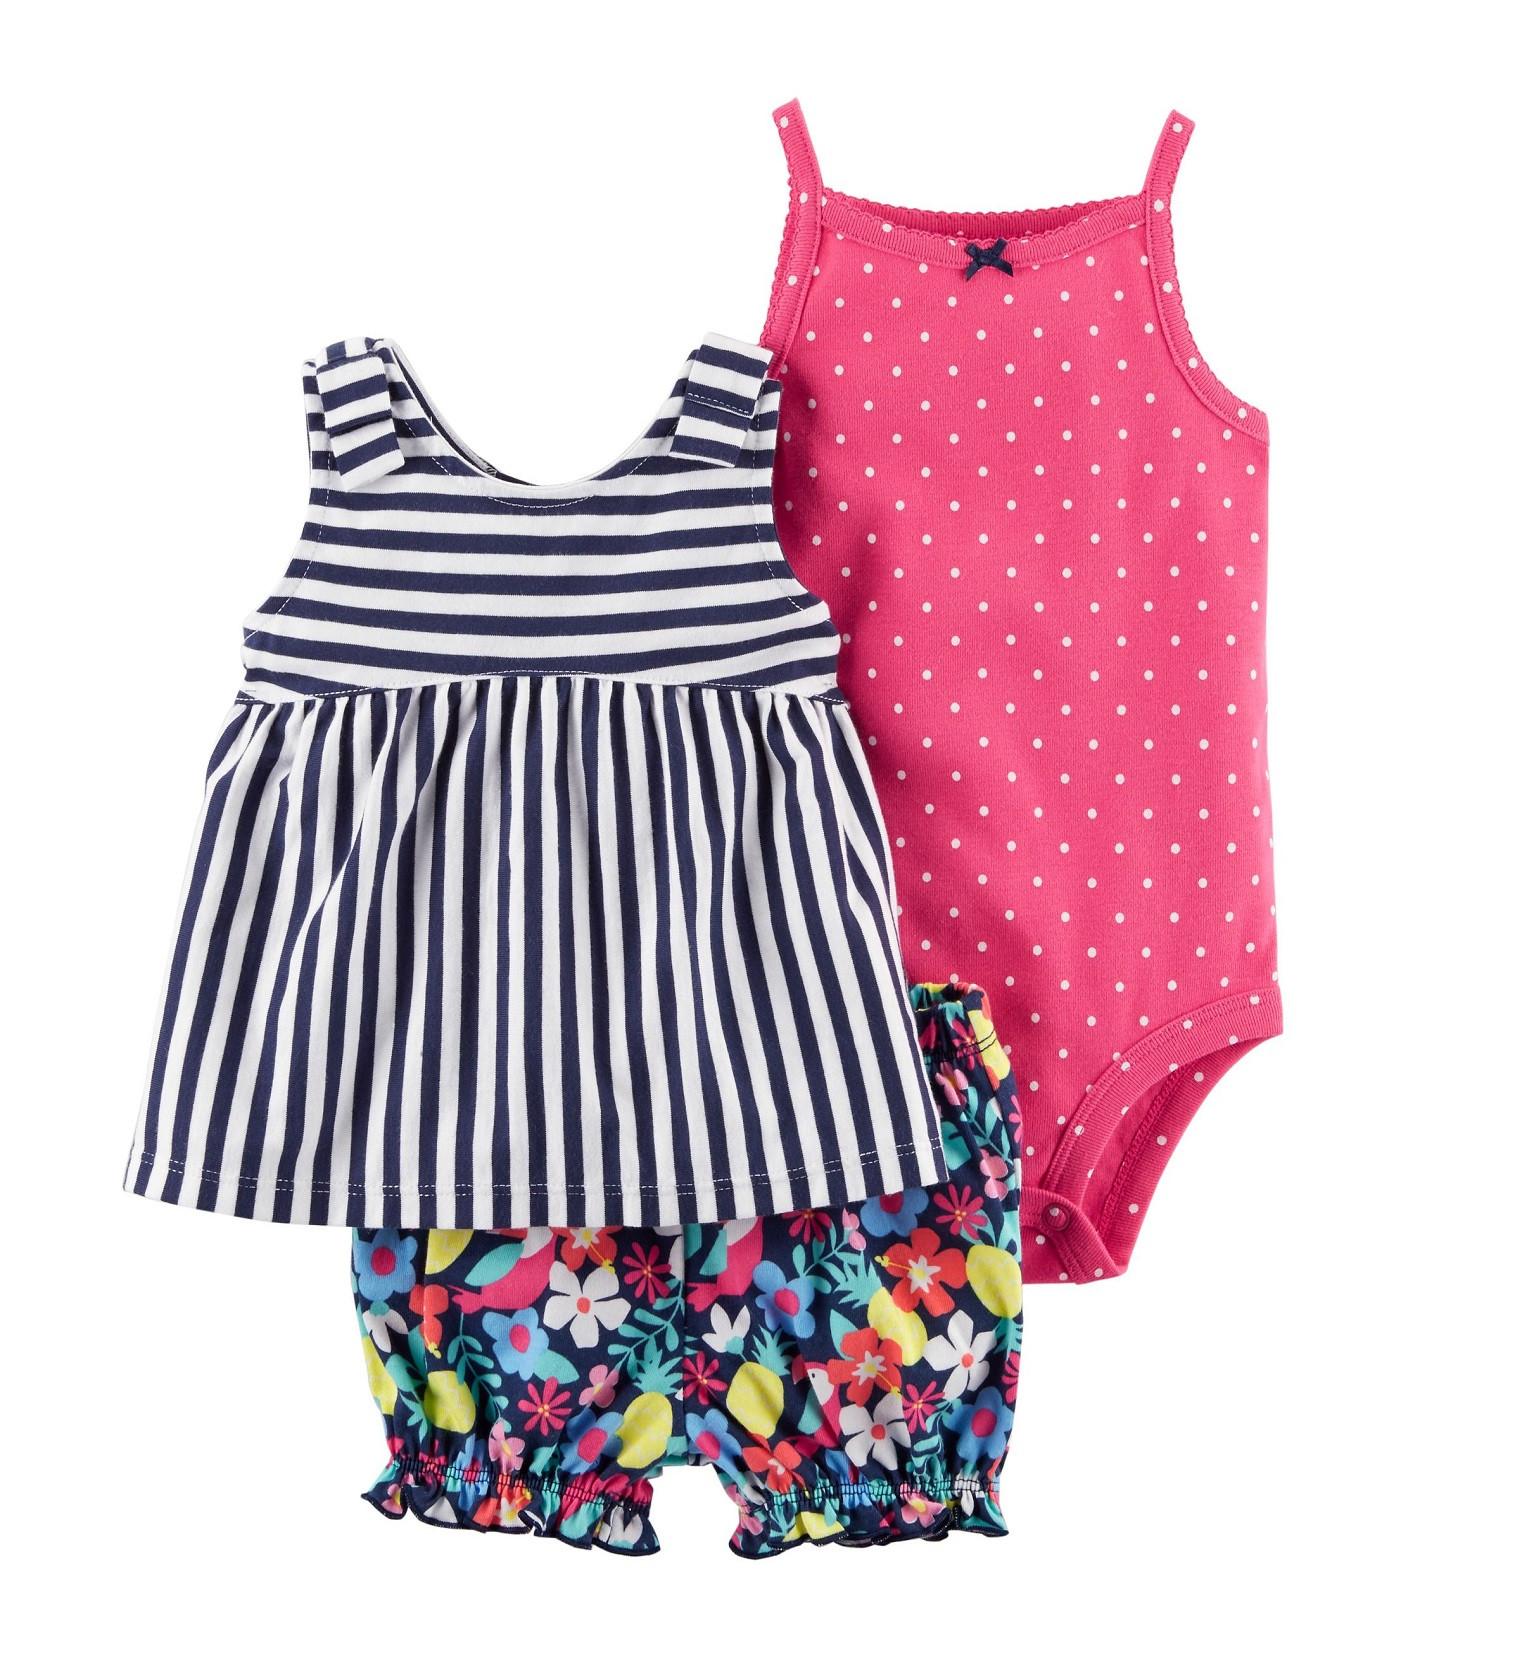 Купити Костюм 3в1 Carters Diaper Cover Set Pink - фото 1